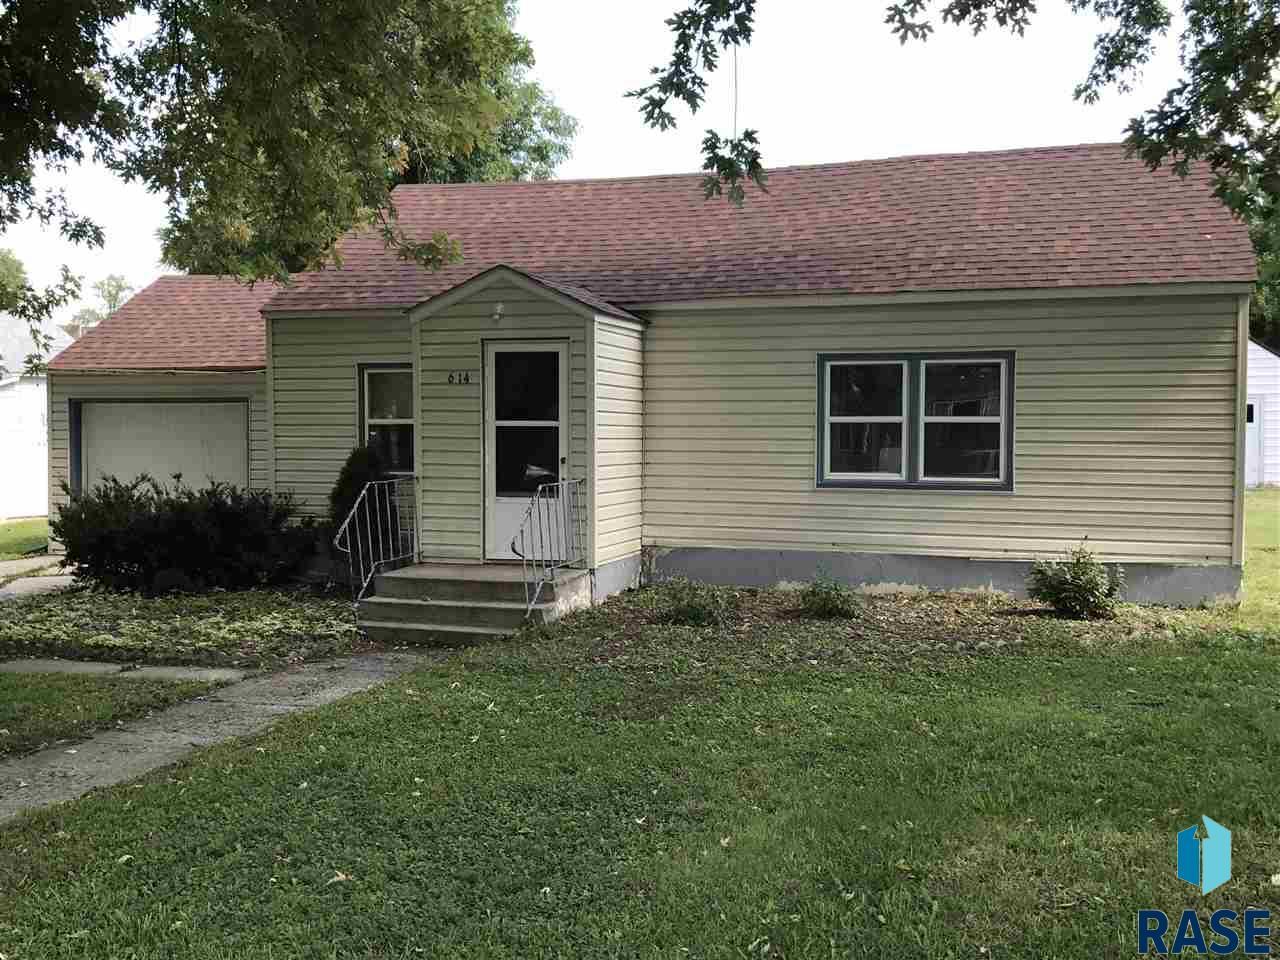 614 Louisianna Ave, Adrian, MN 56110